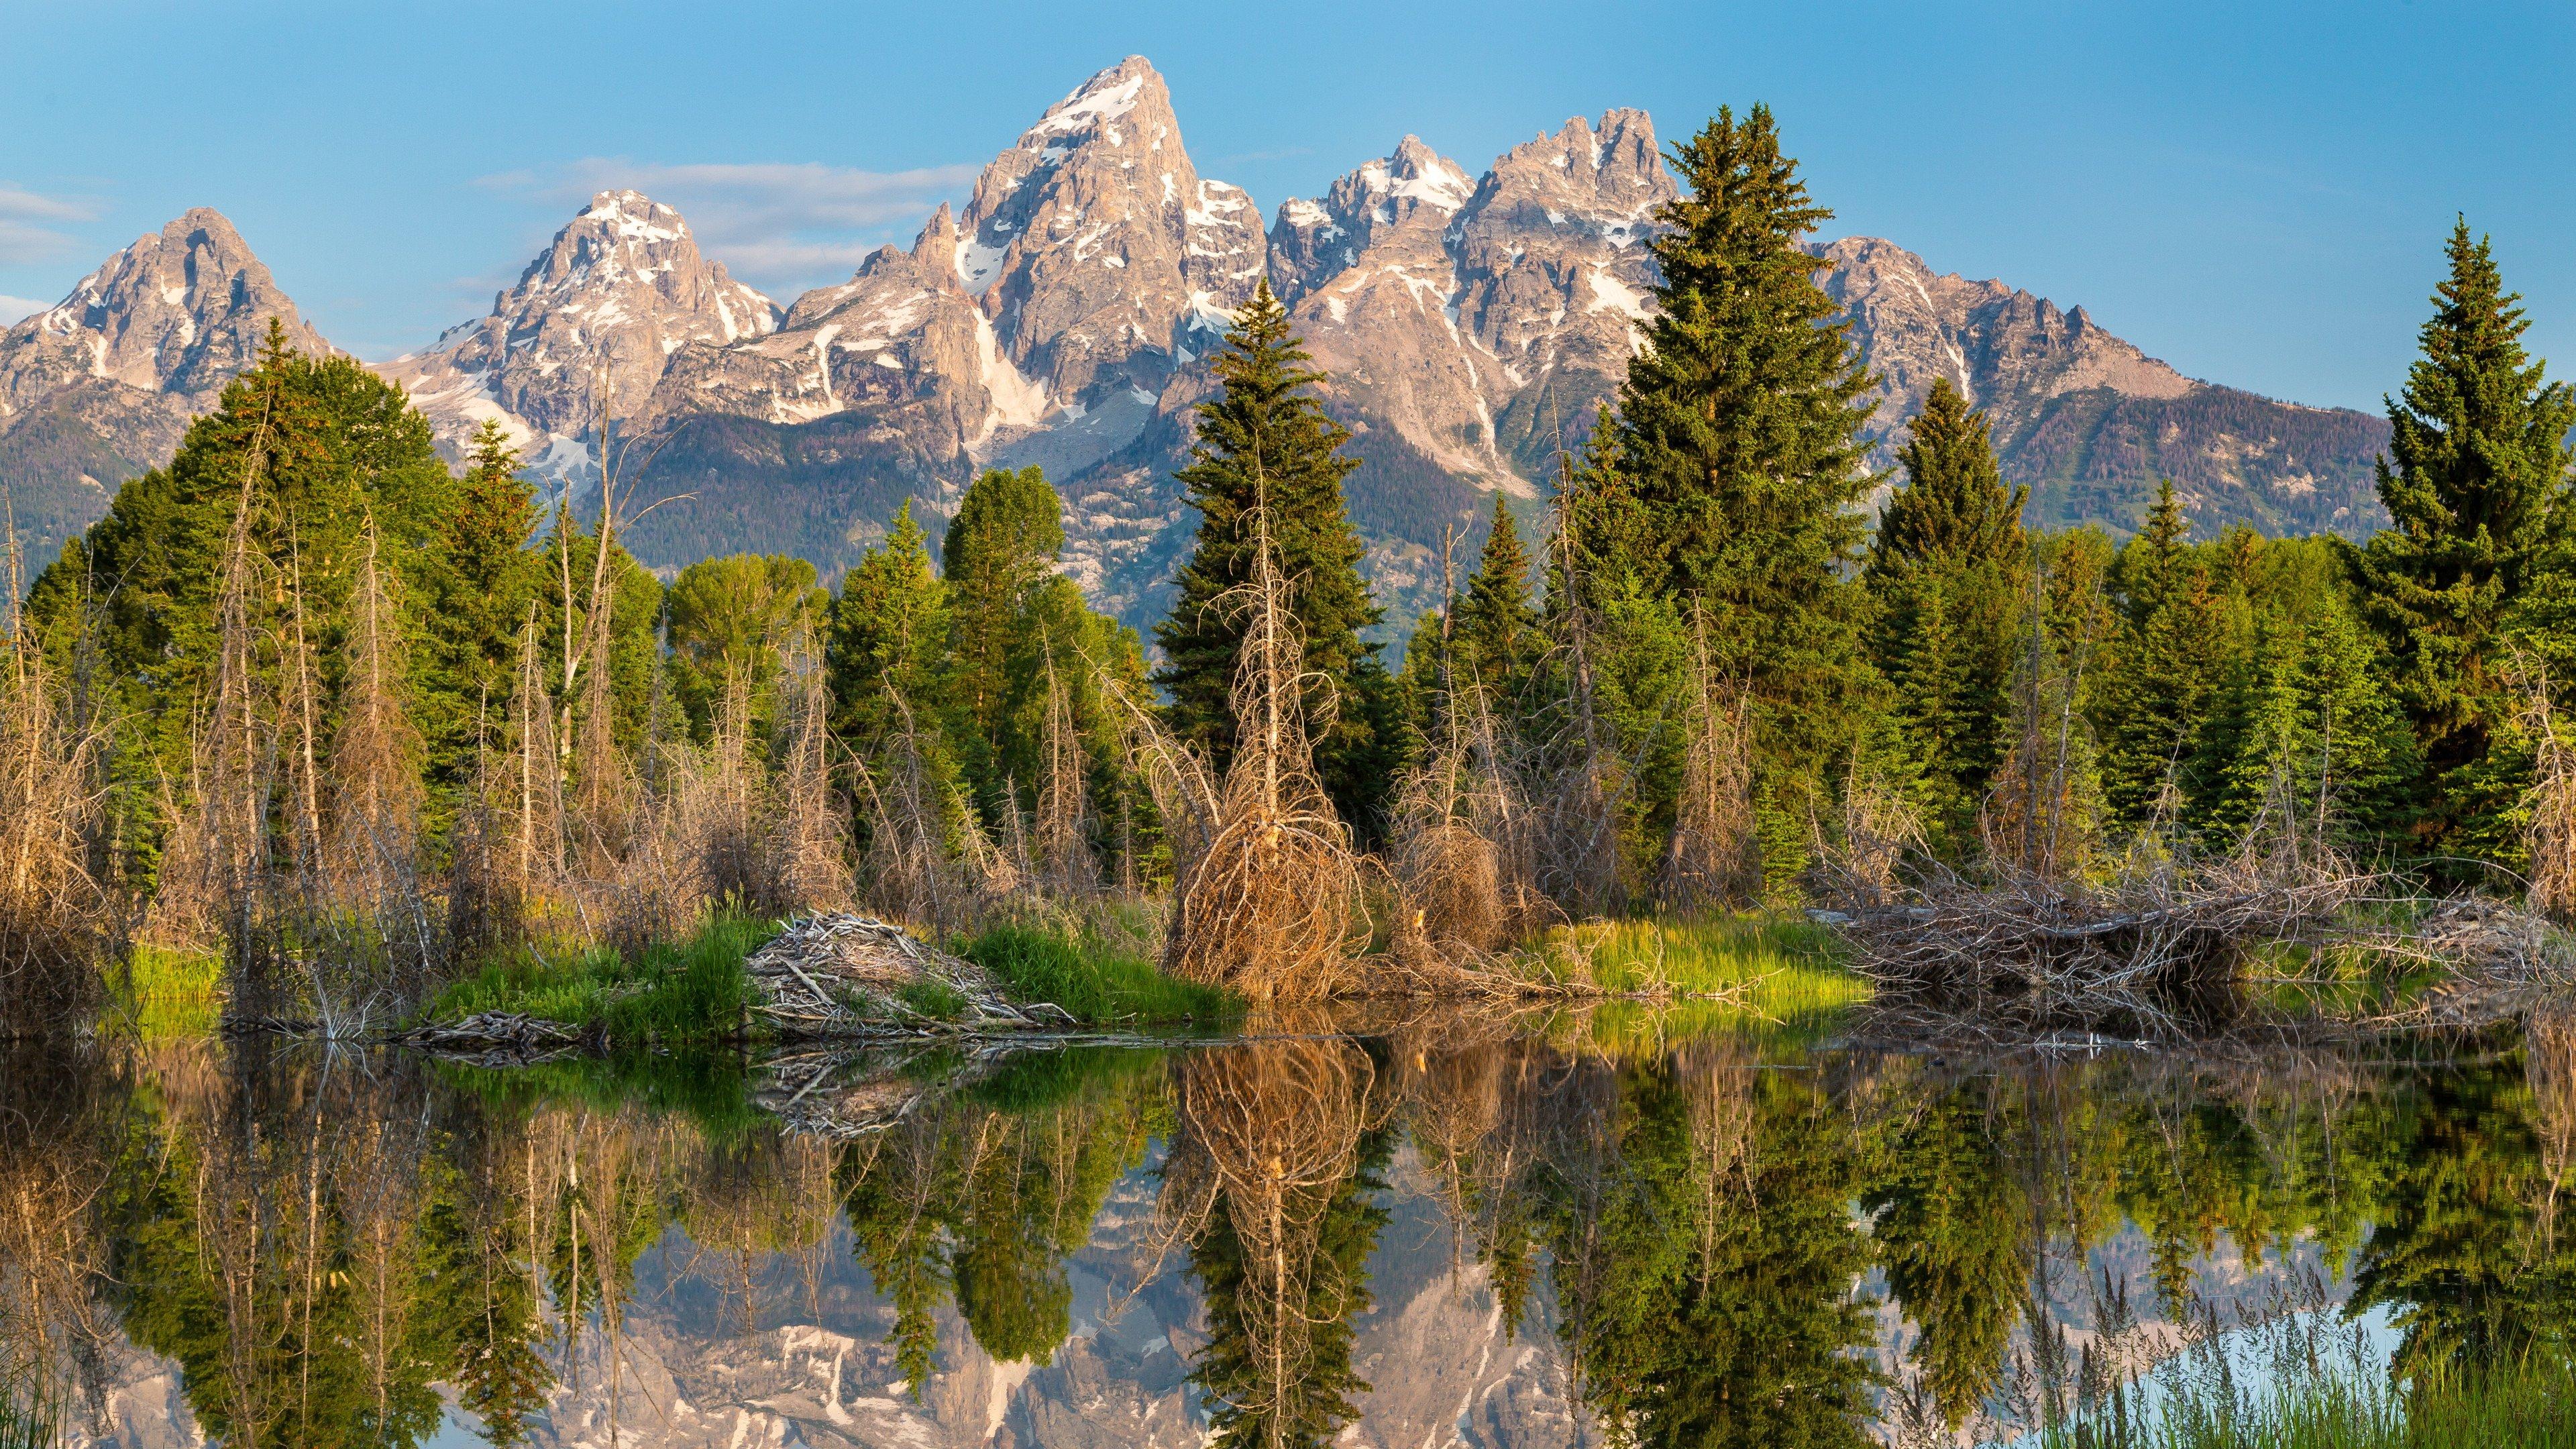 hình nền thiên nhiên đẹp